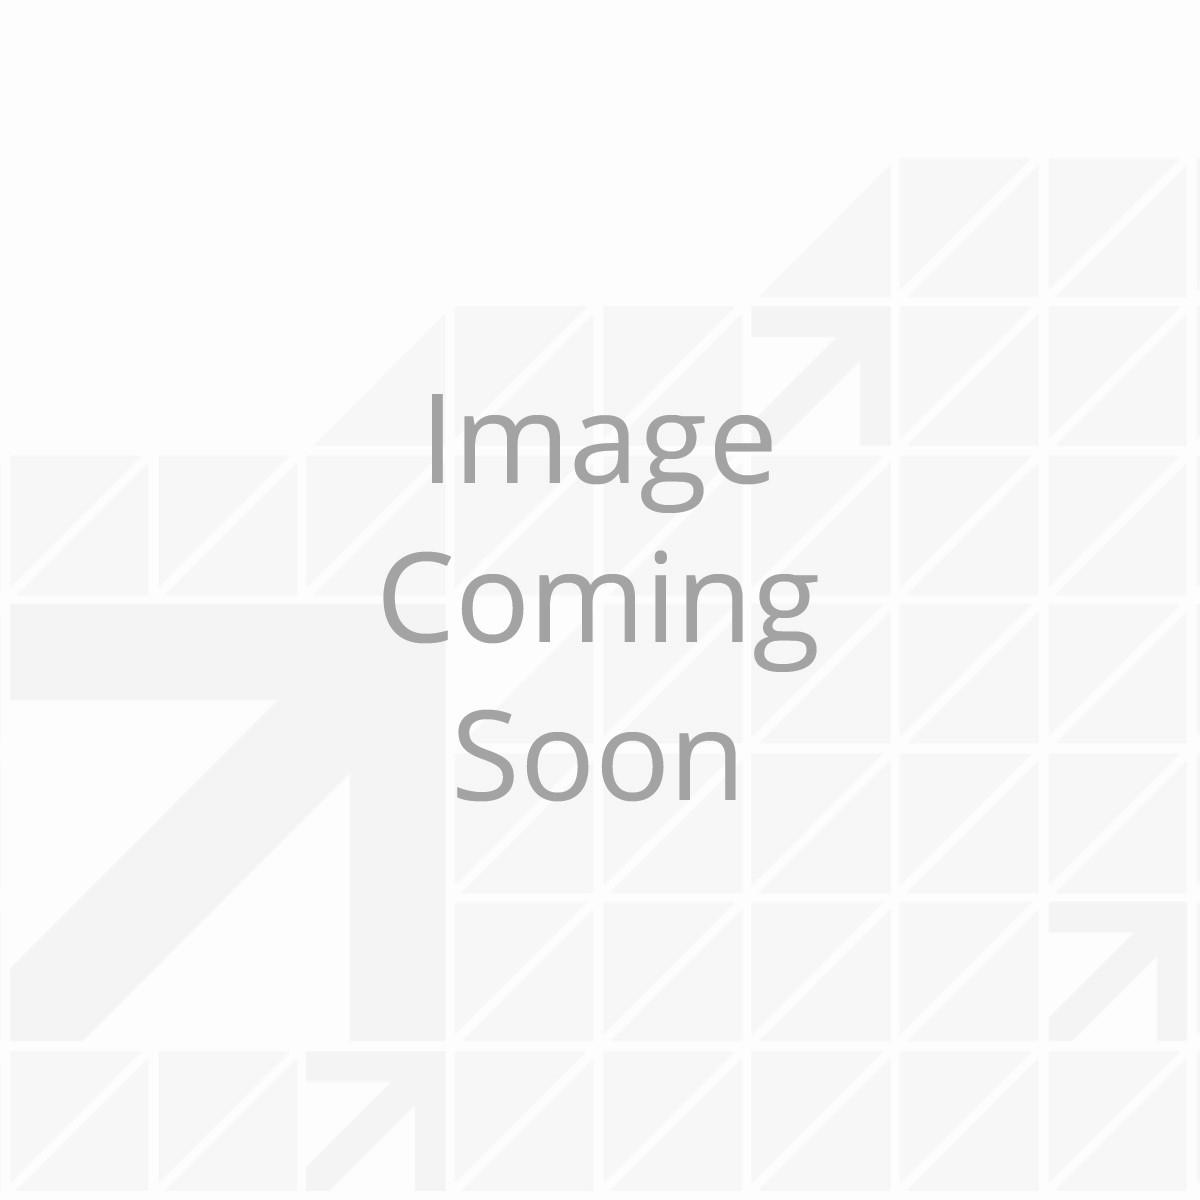 Toylok® Repair Kit